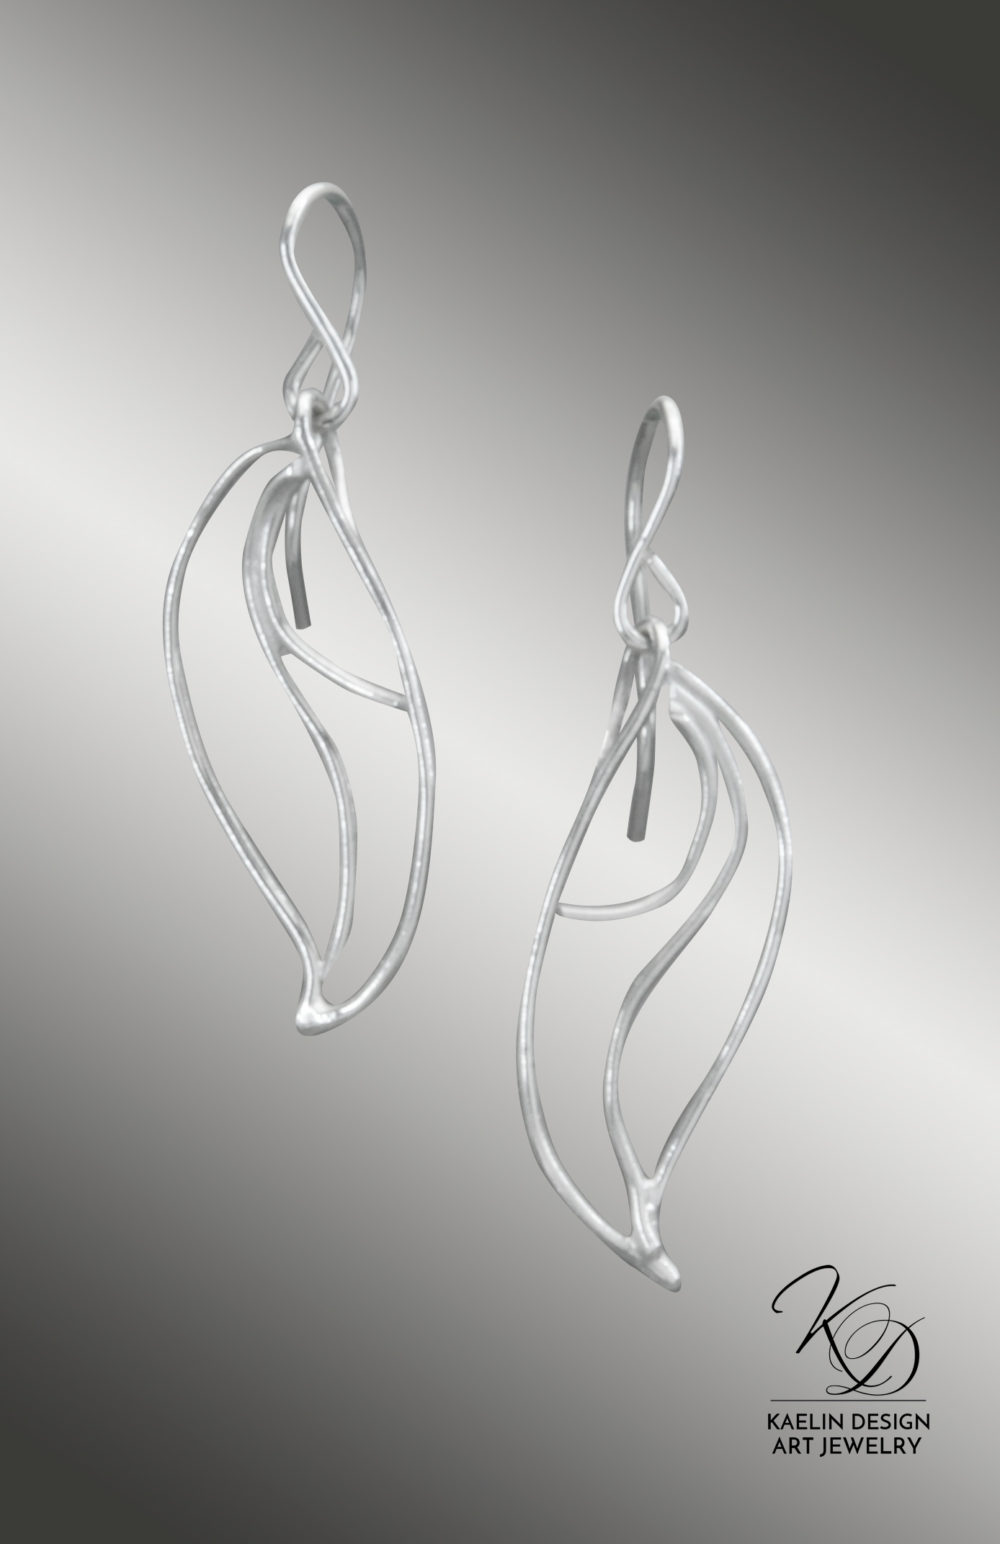 Caspian Sterling Silver Hand Forged Art Jewelry Earrings by Kaelin Design